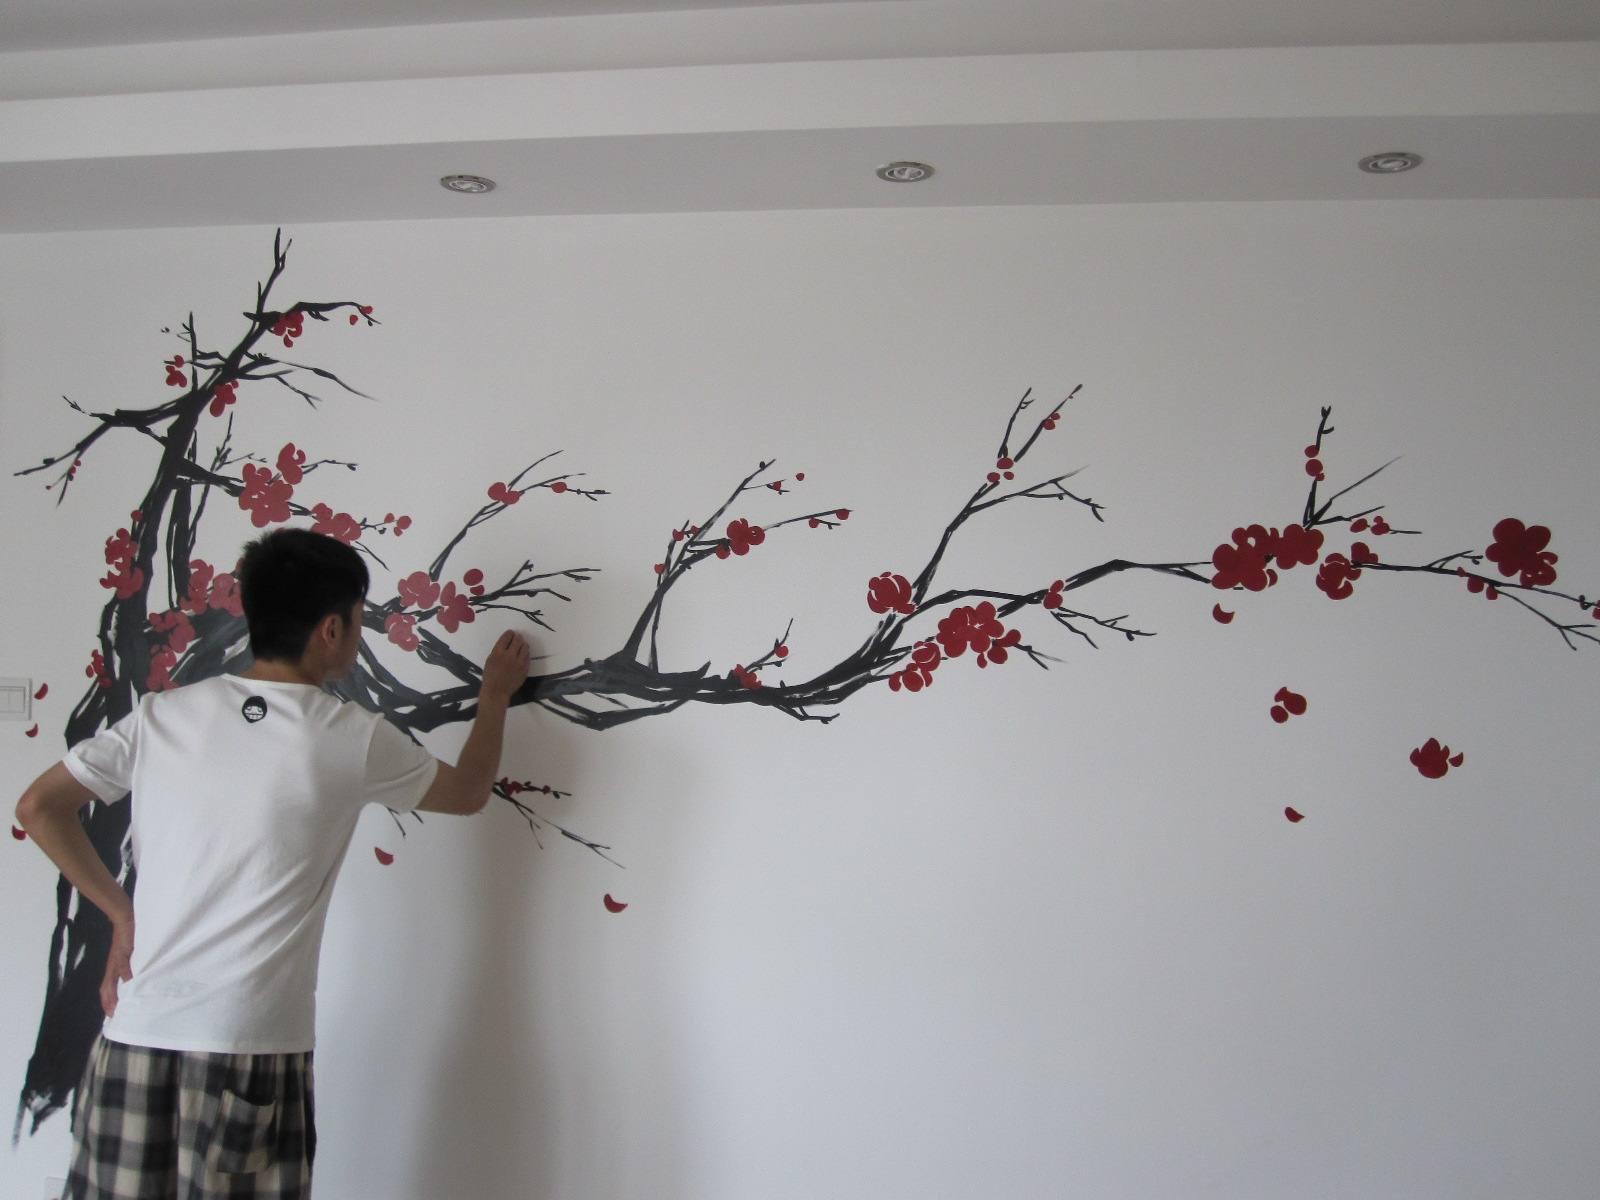 赣州手绘背景图,赣州背景图手绘,赣州手绘背景,赣州室内墙绘